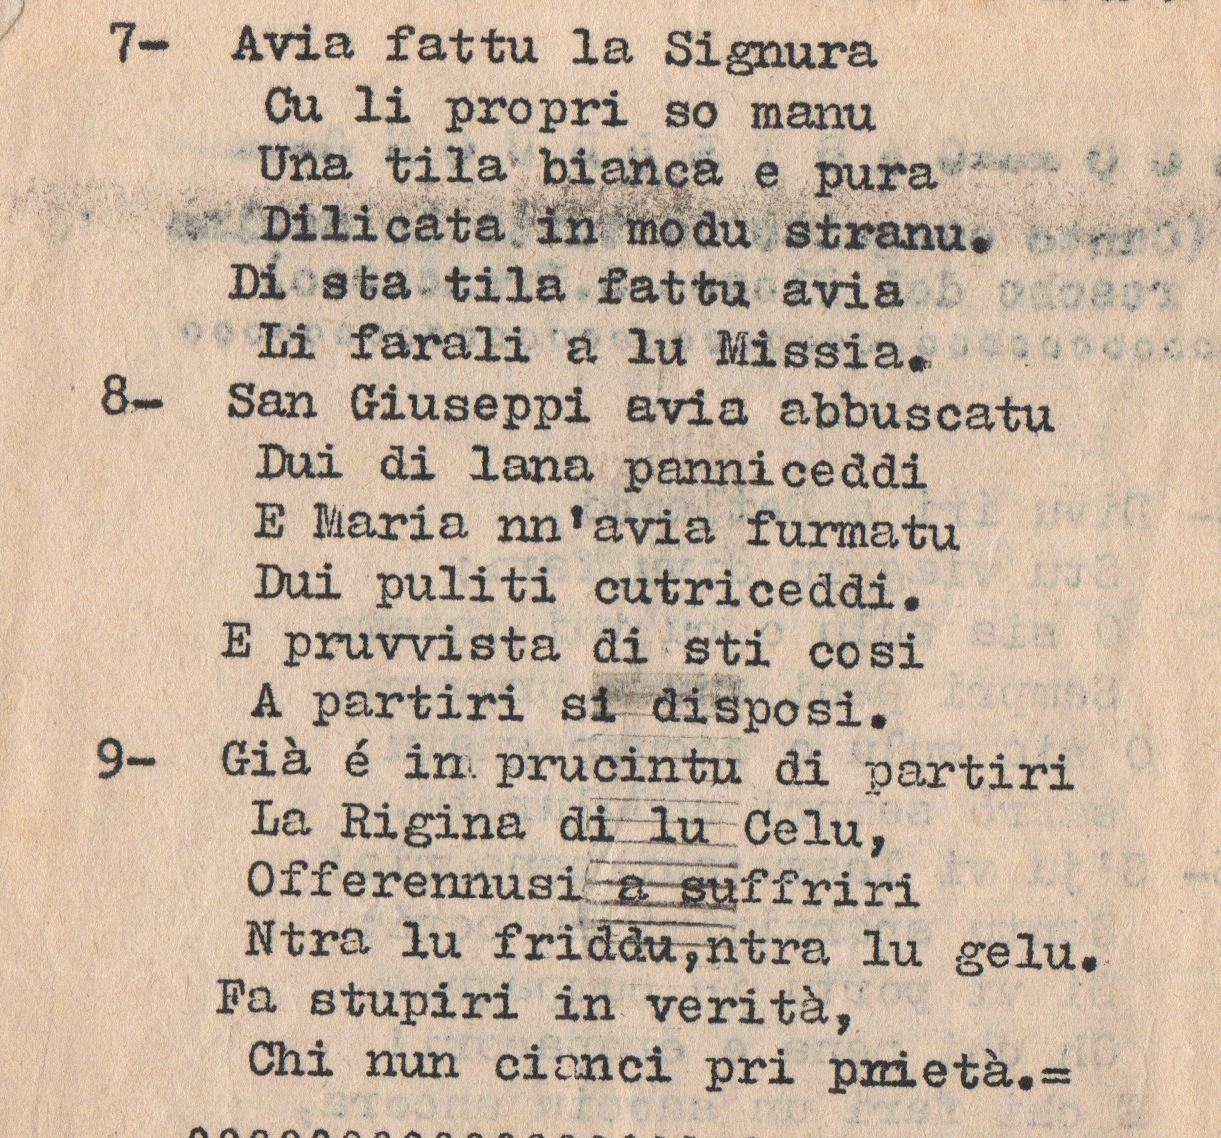 Auguri Di Natale In Dialetto Siciliano.Archivio E Pensamenti Agli Amici Di Castelbuono La Novena Di